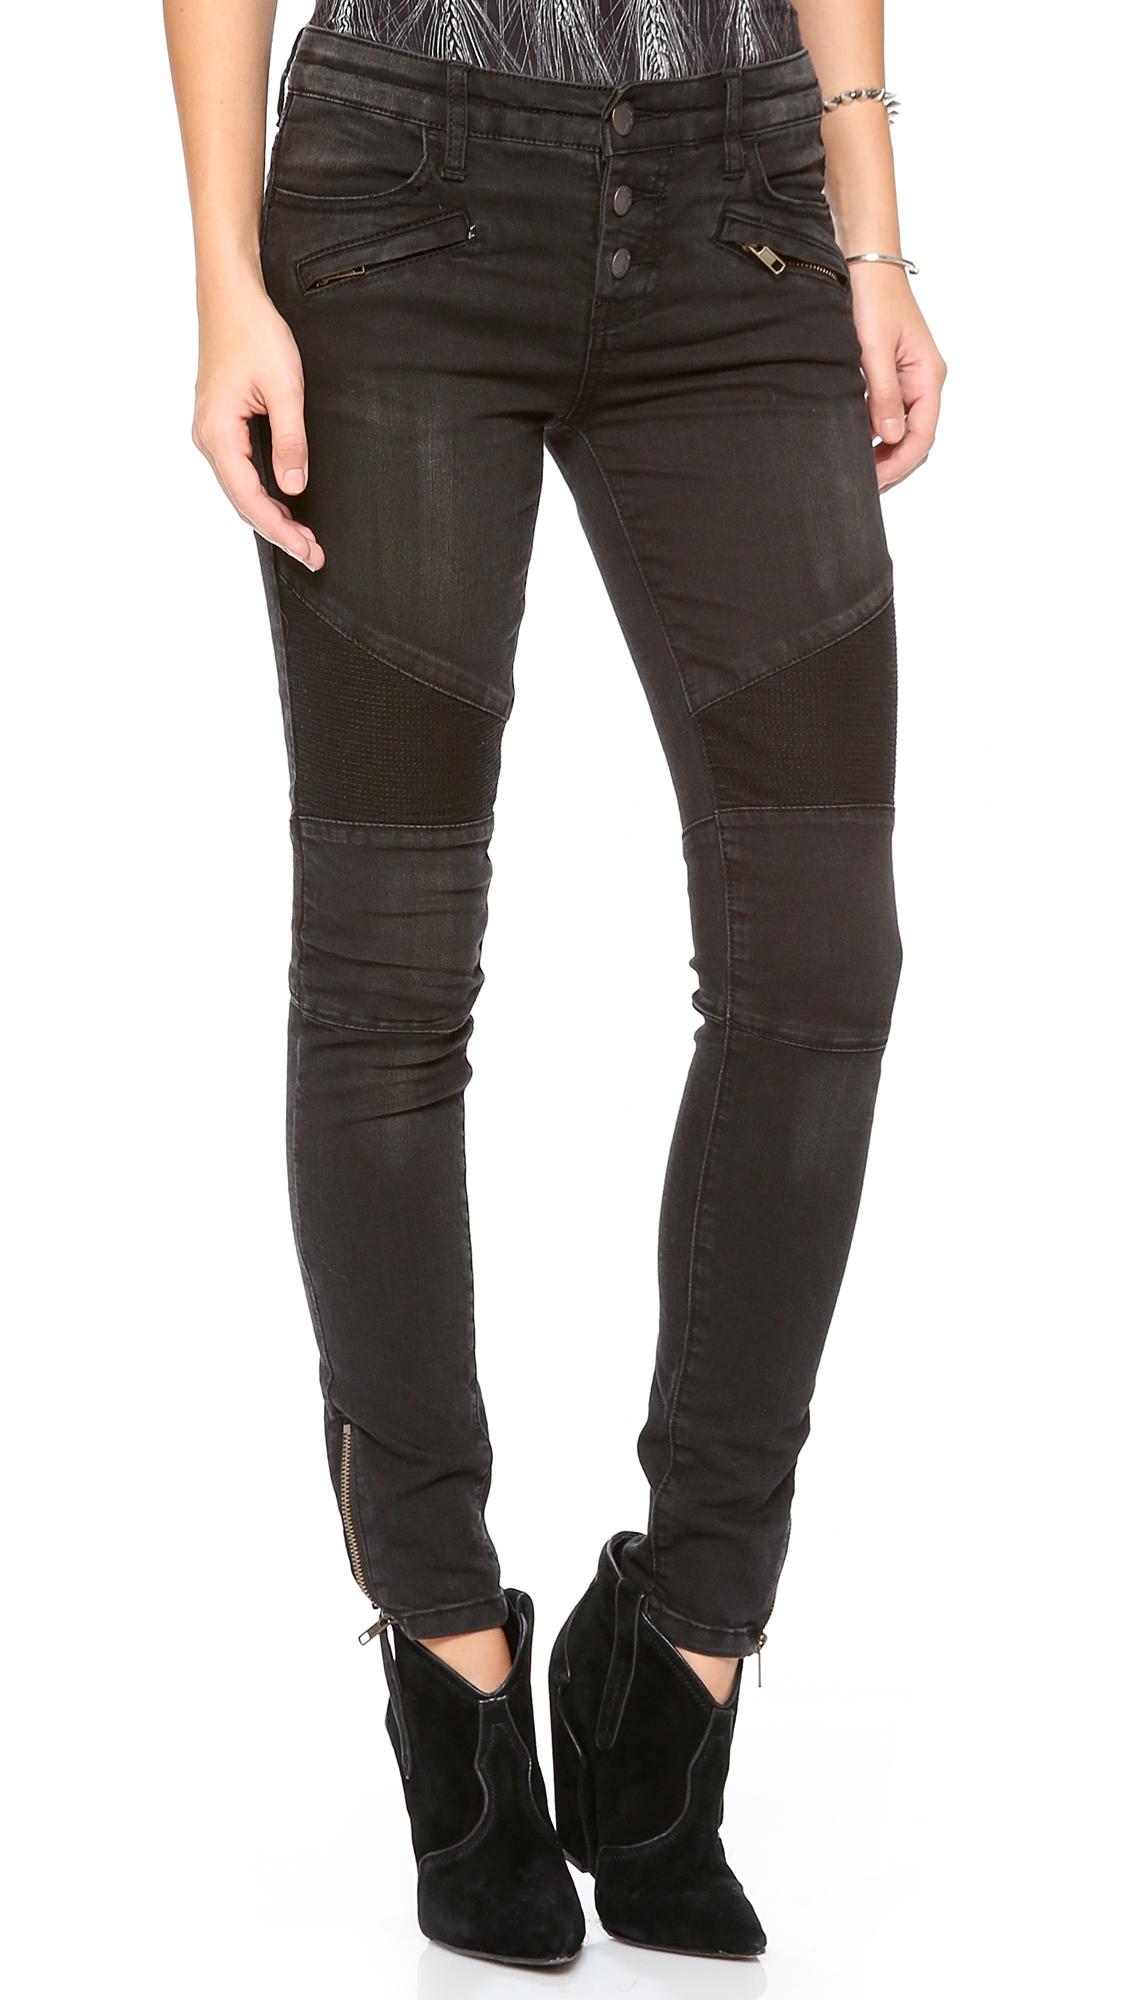 Free people Millenium Moto Jeans in Black   Lyst